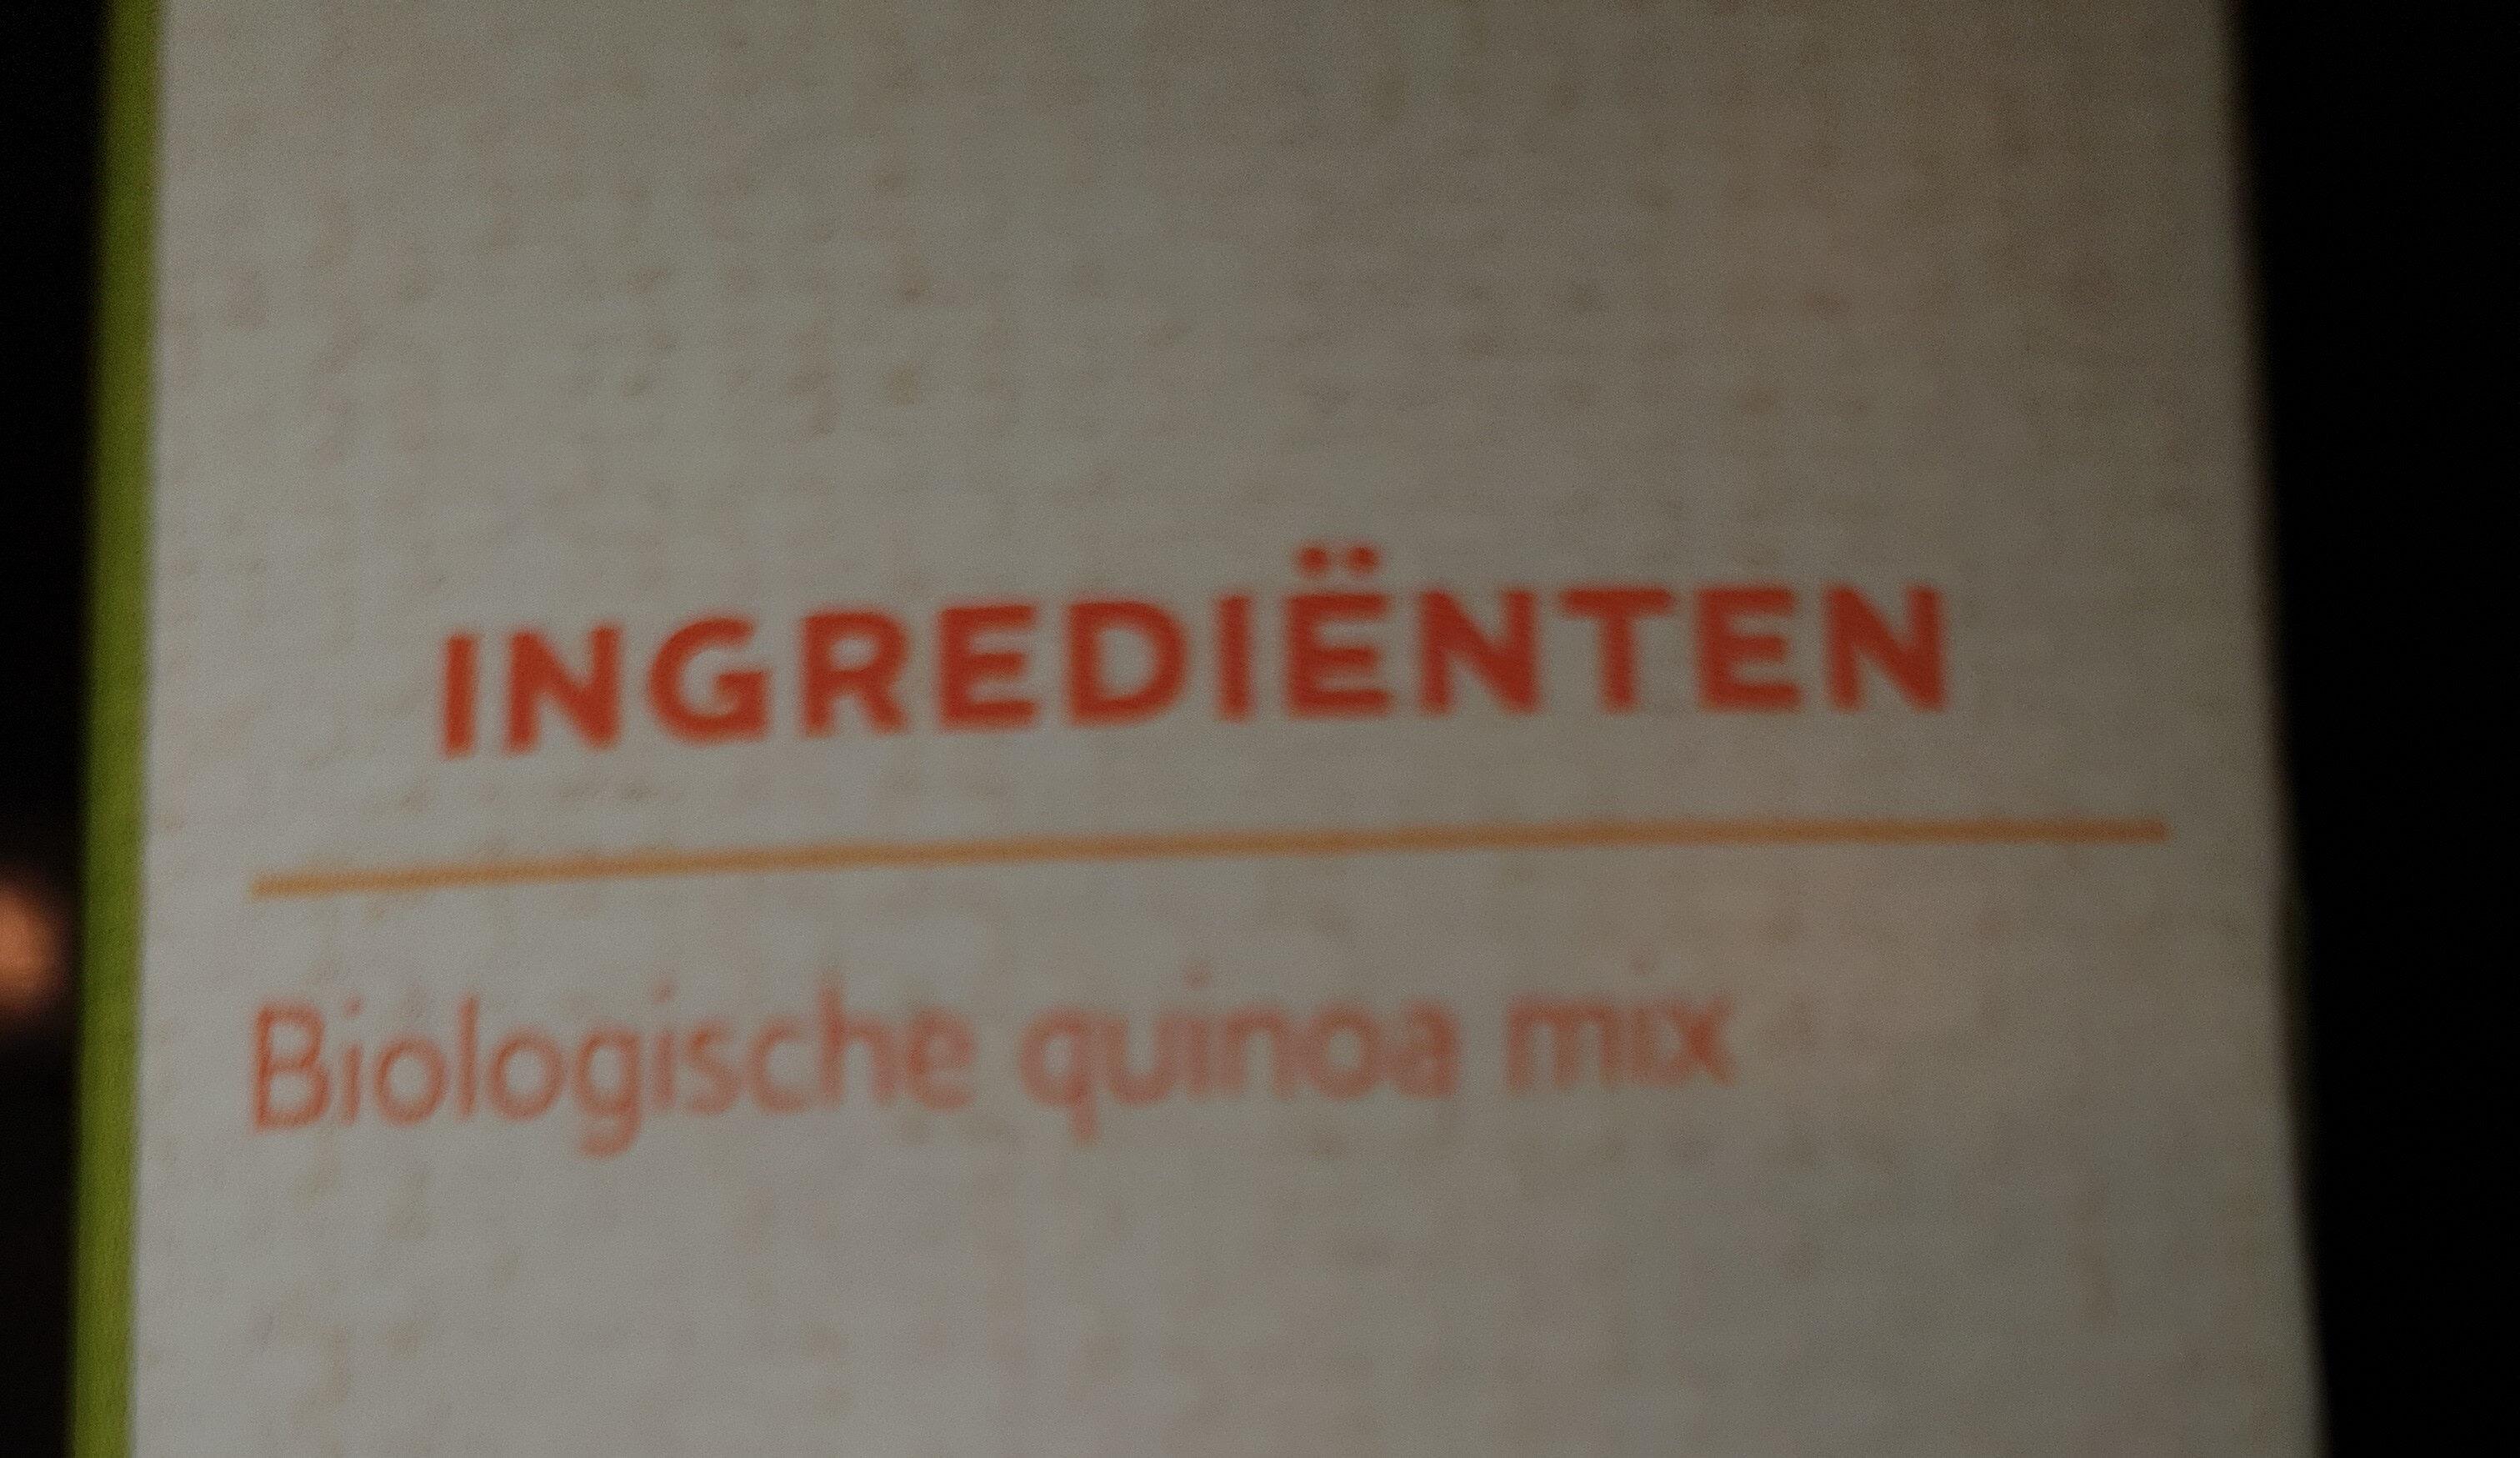 quinoa mux - Ingredients - nl